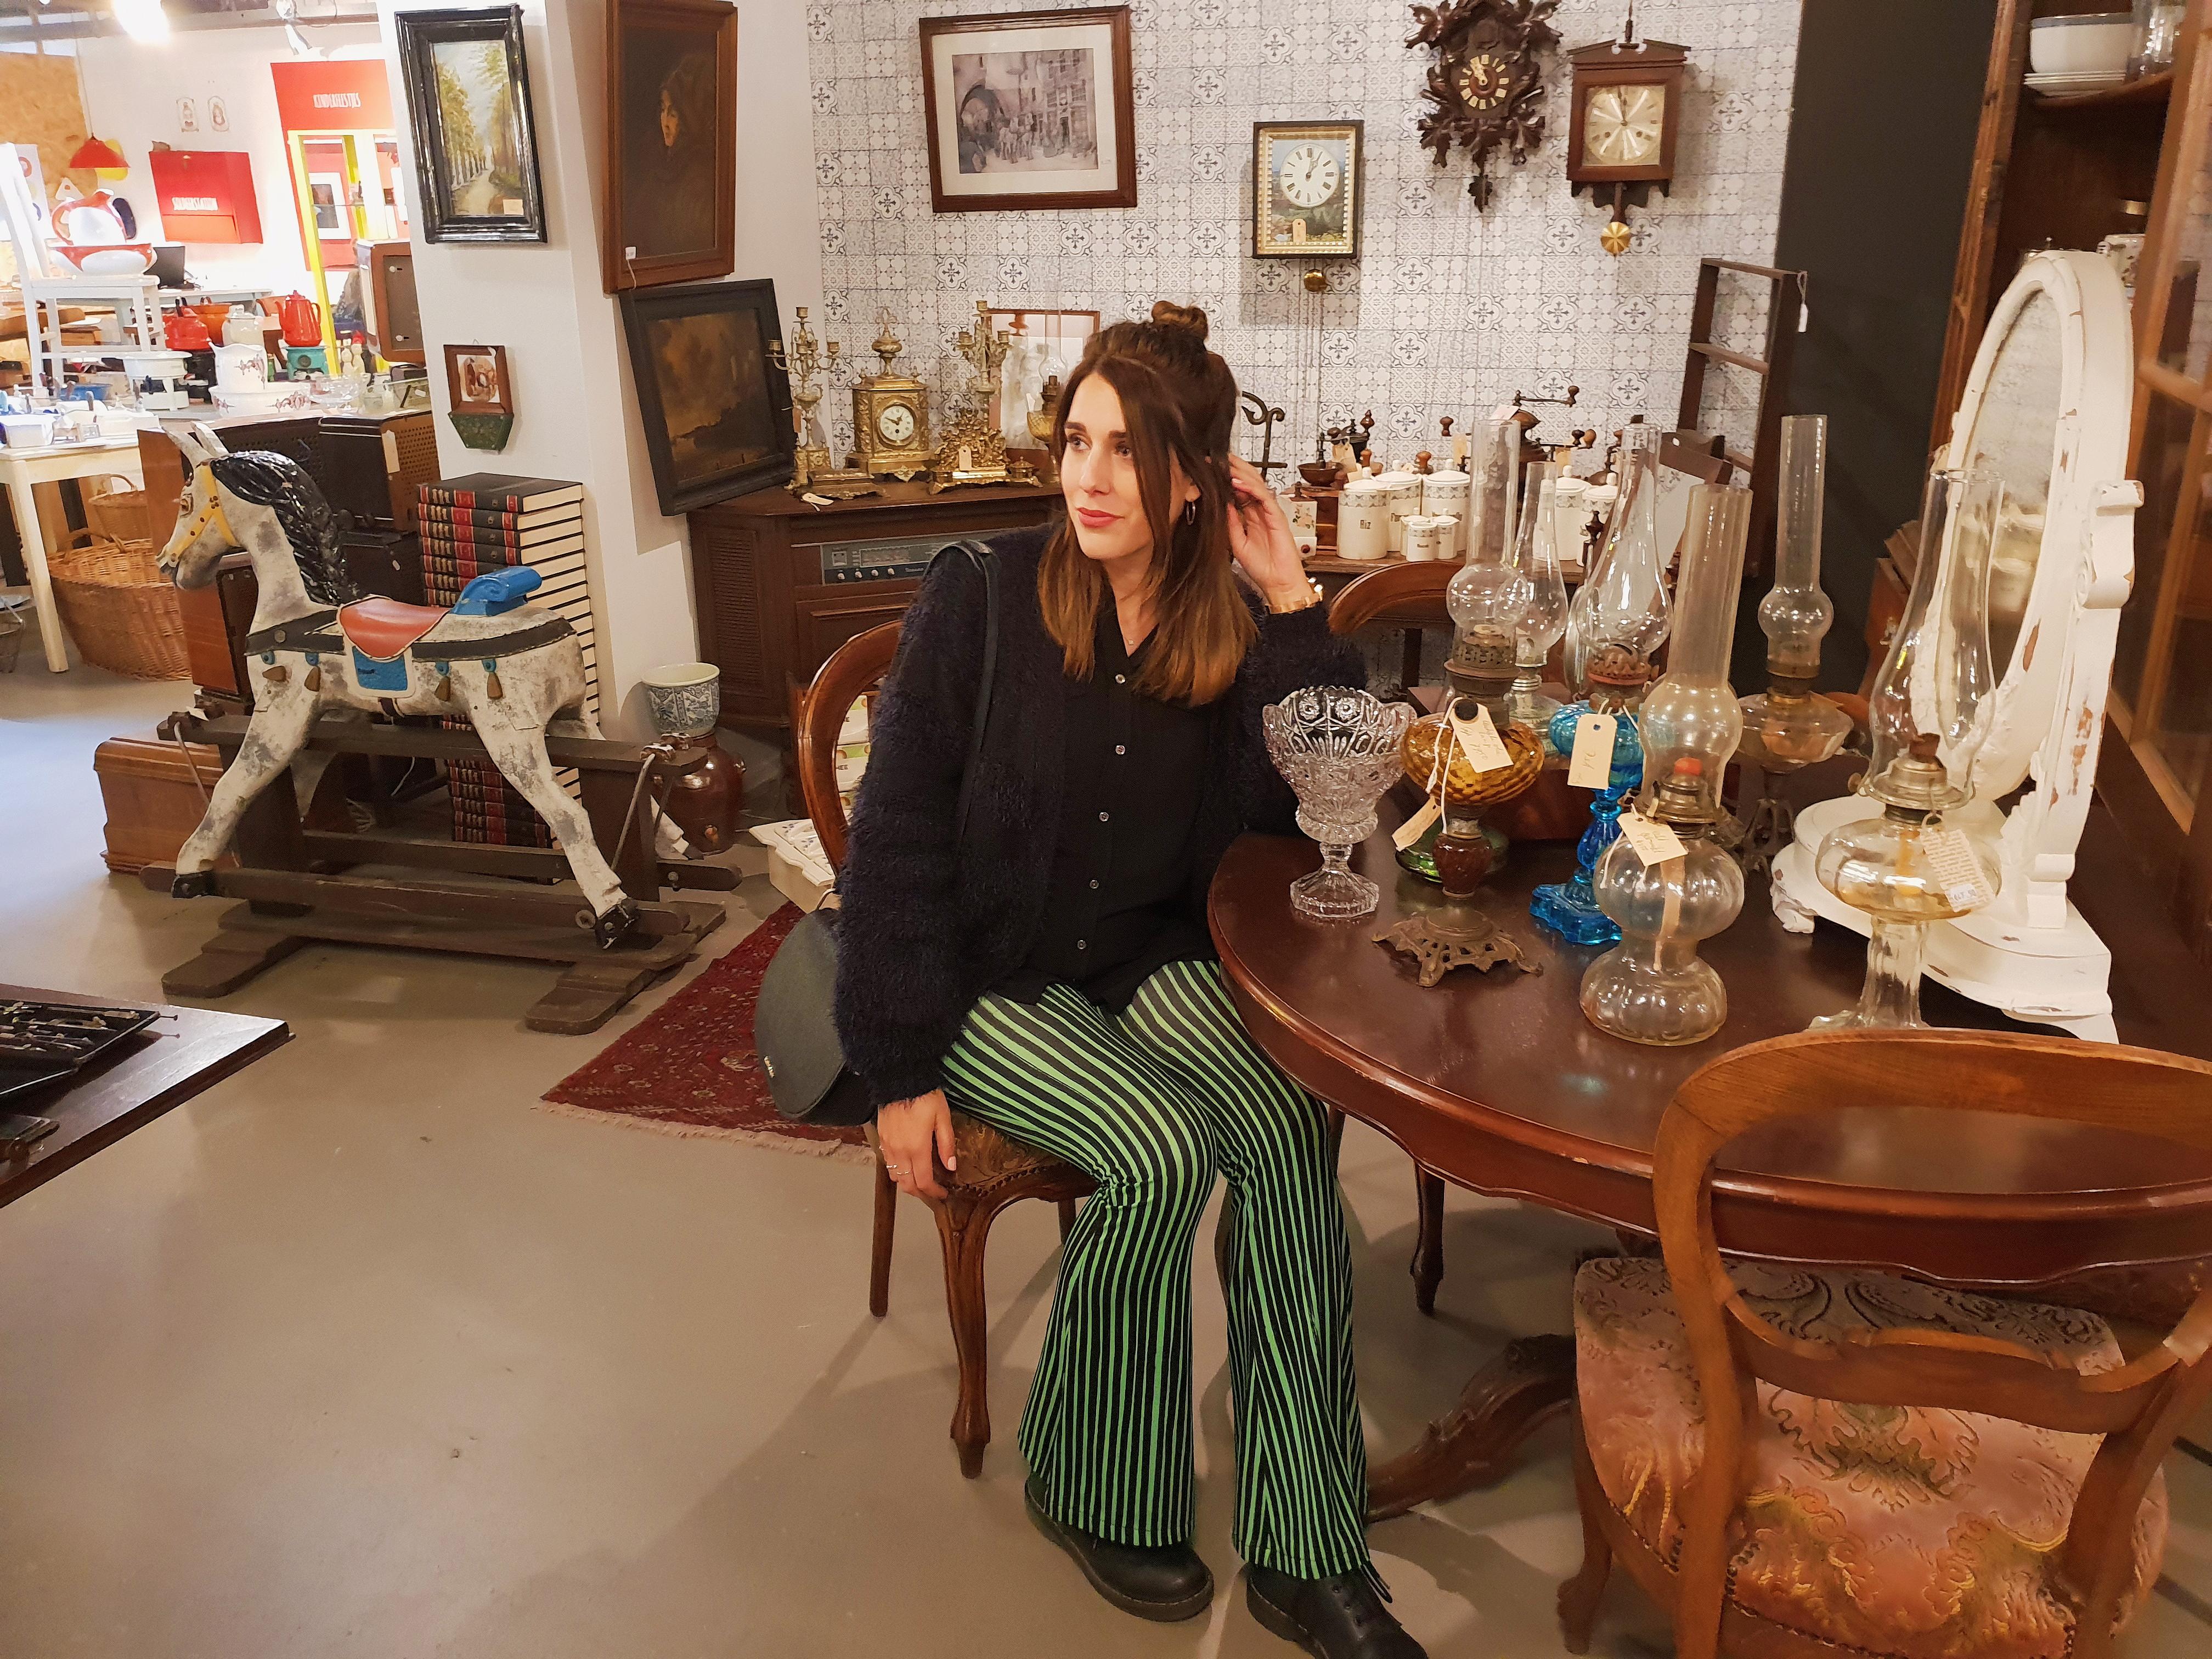 Vintage Meubels Winkel.Dit Zijn De Leukste Vintage En Tweedehands Winkels In